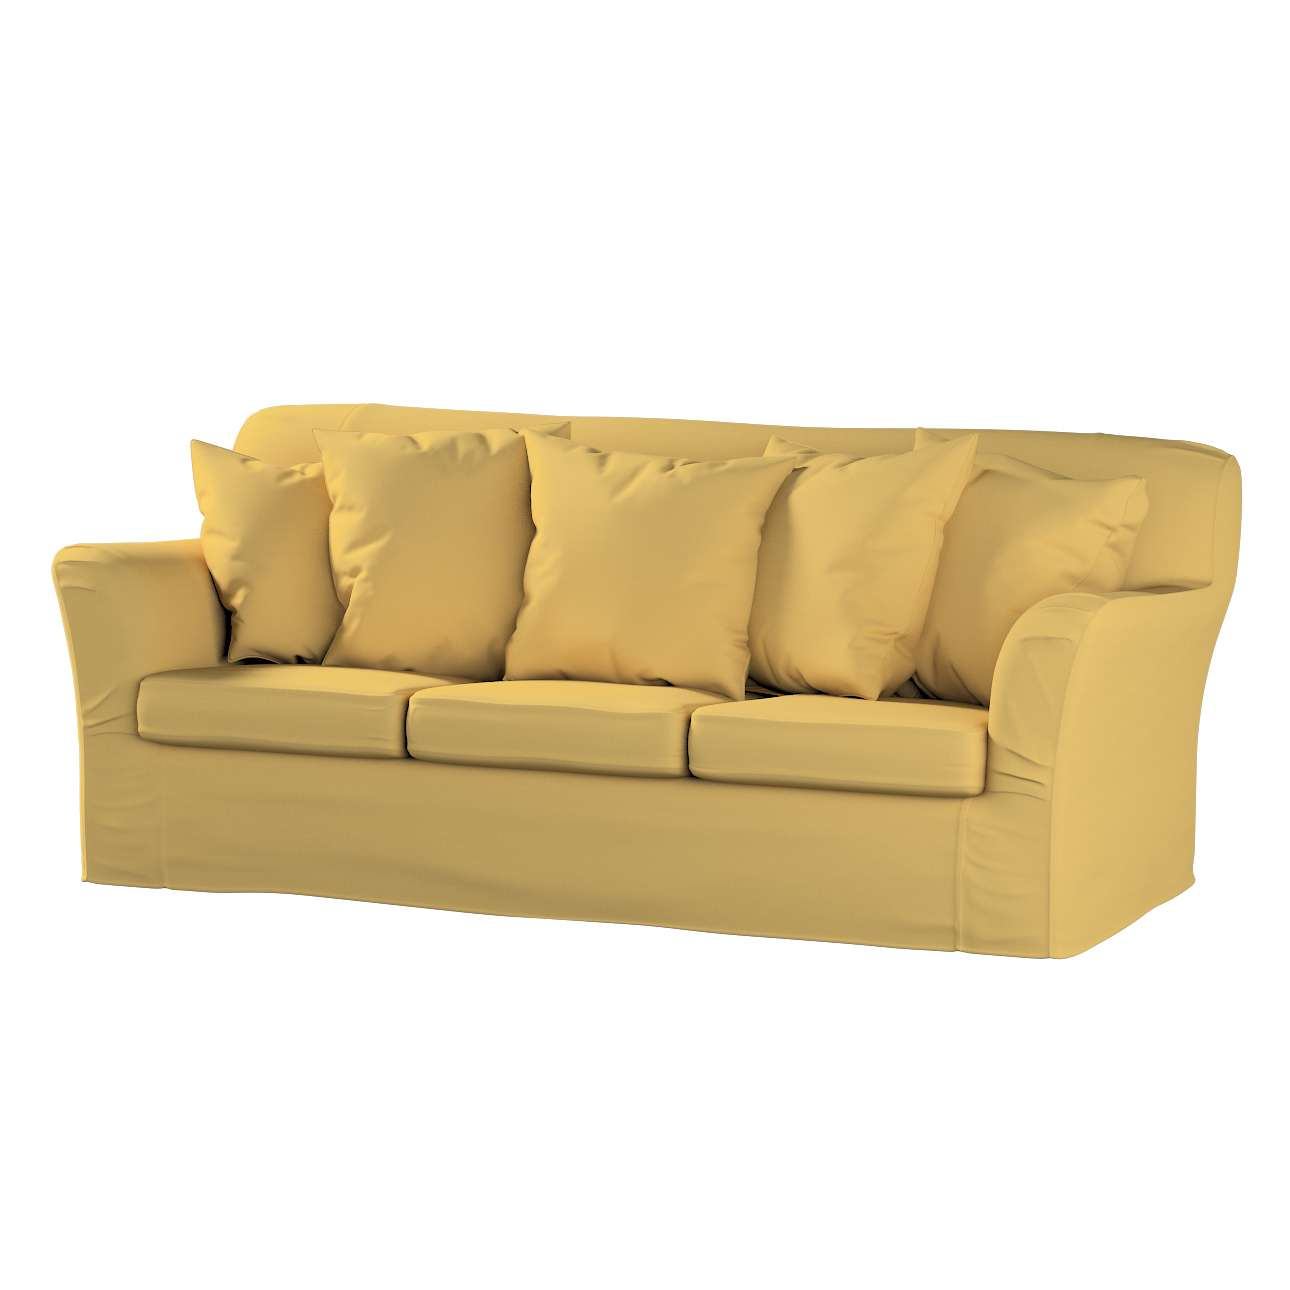 Pokrowiec na sofę Tomelilla 3-osobową nierozkładaną w kolekcji Cotton Panama, tkanina: 702-41